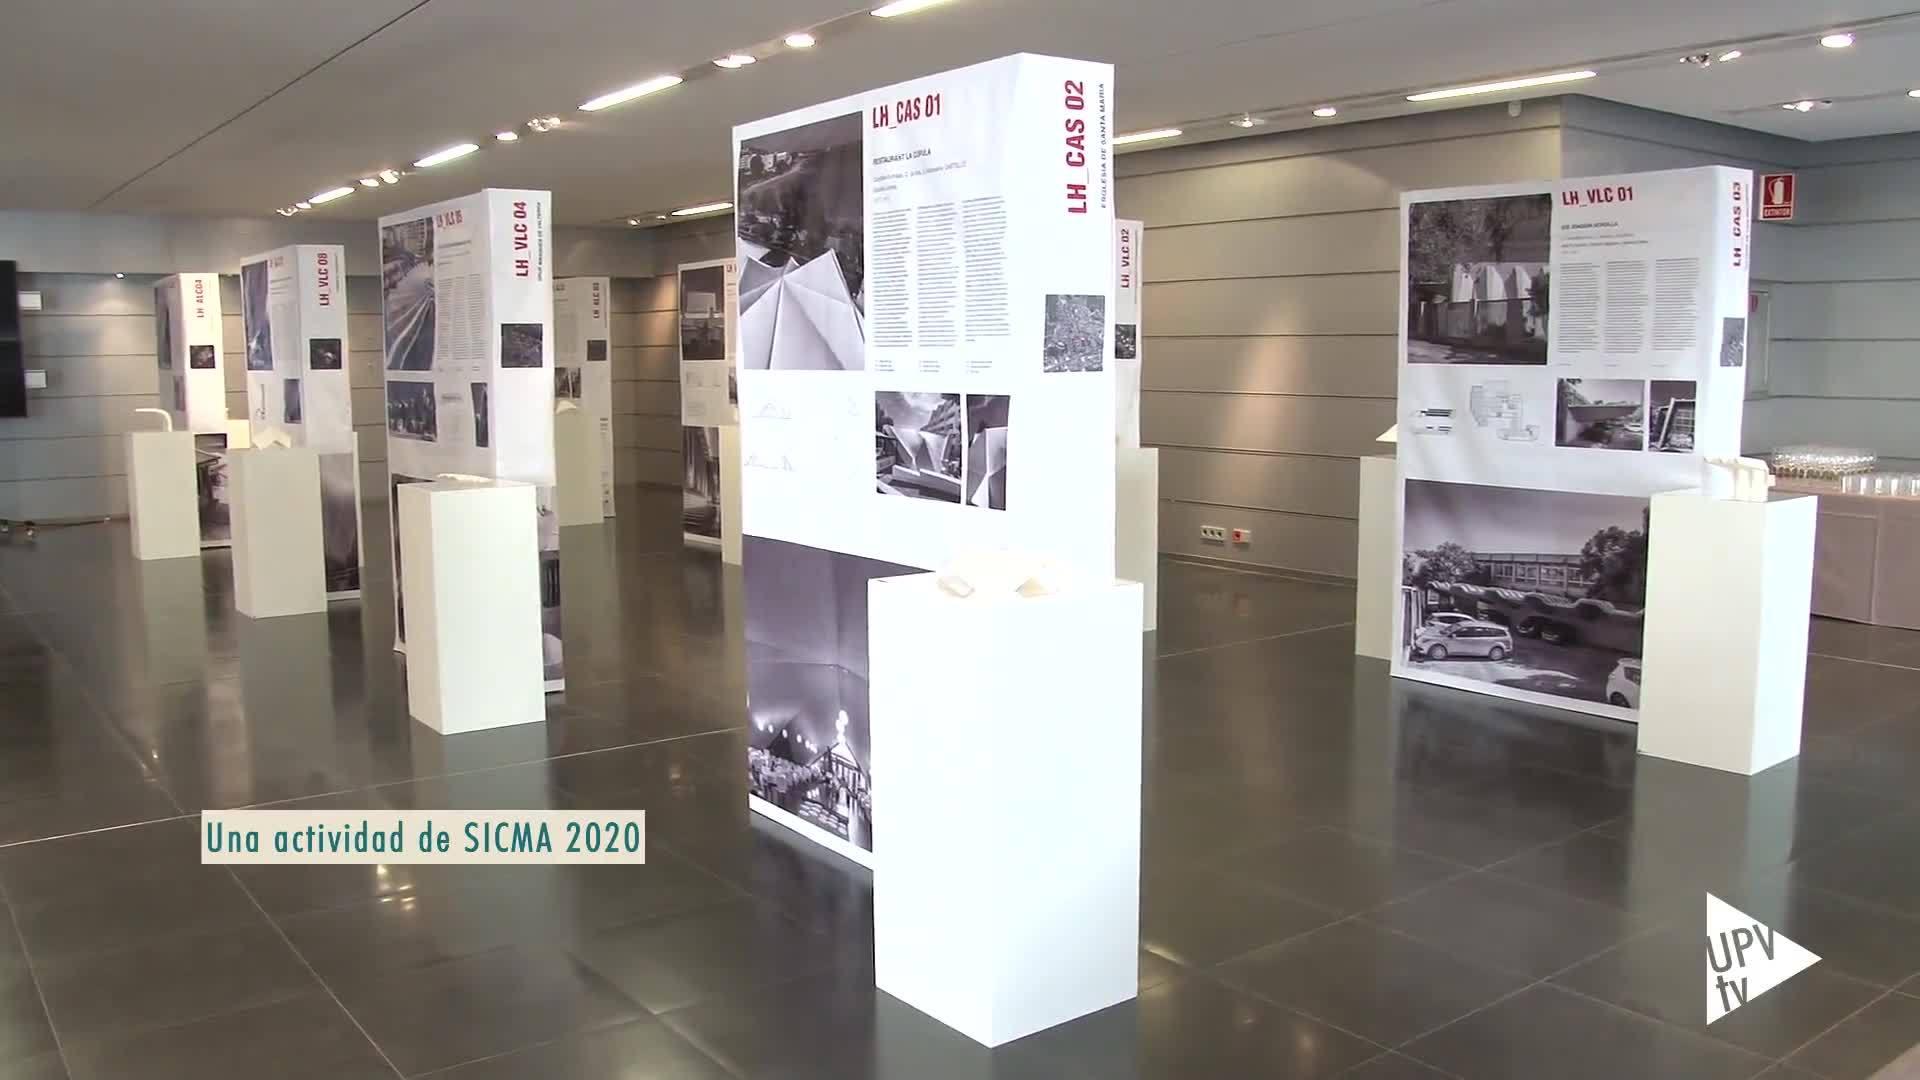 25-02-2020 Exposición Laminoflexia